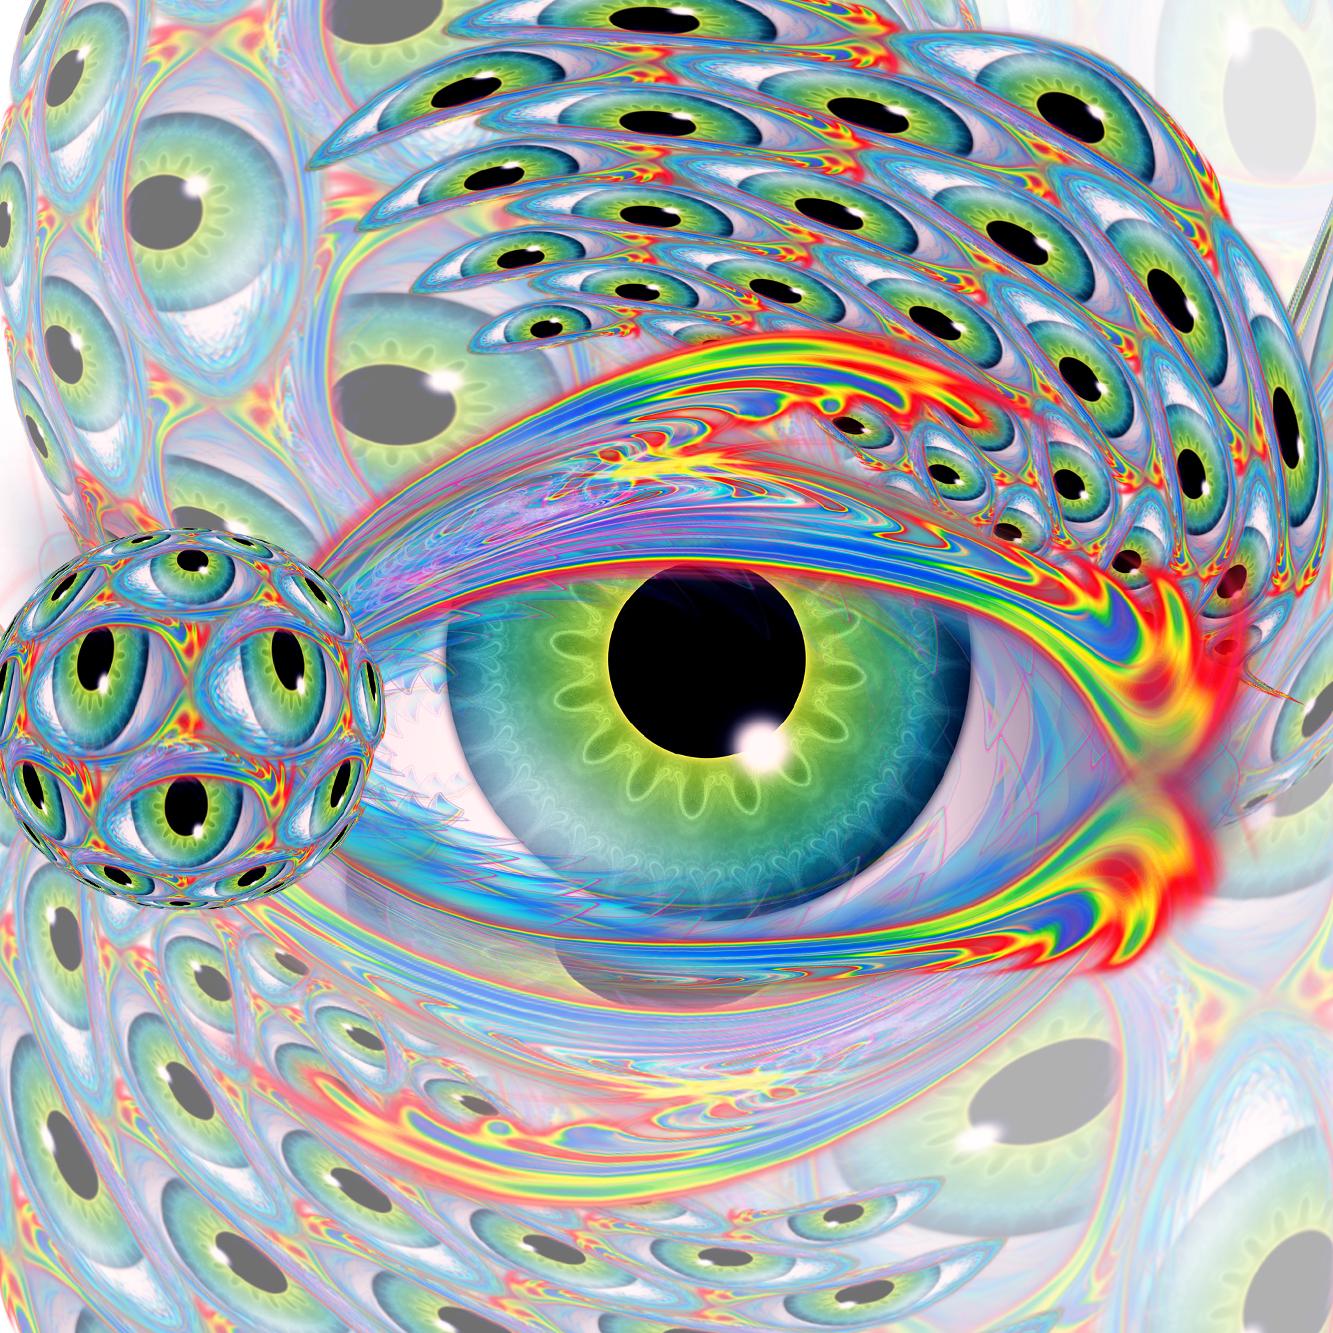 eyepattern